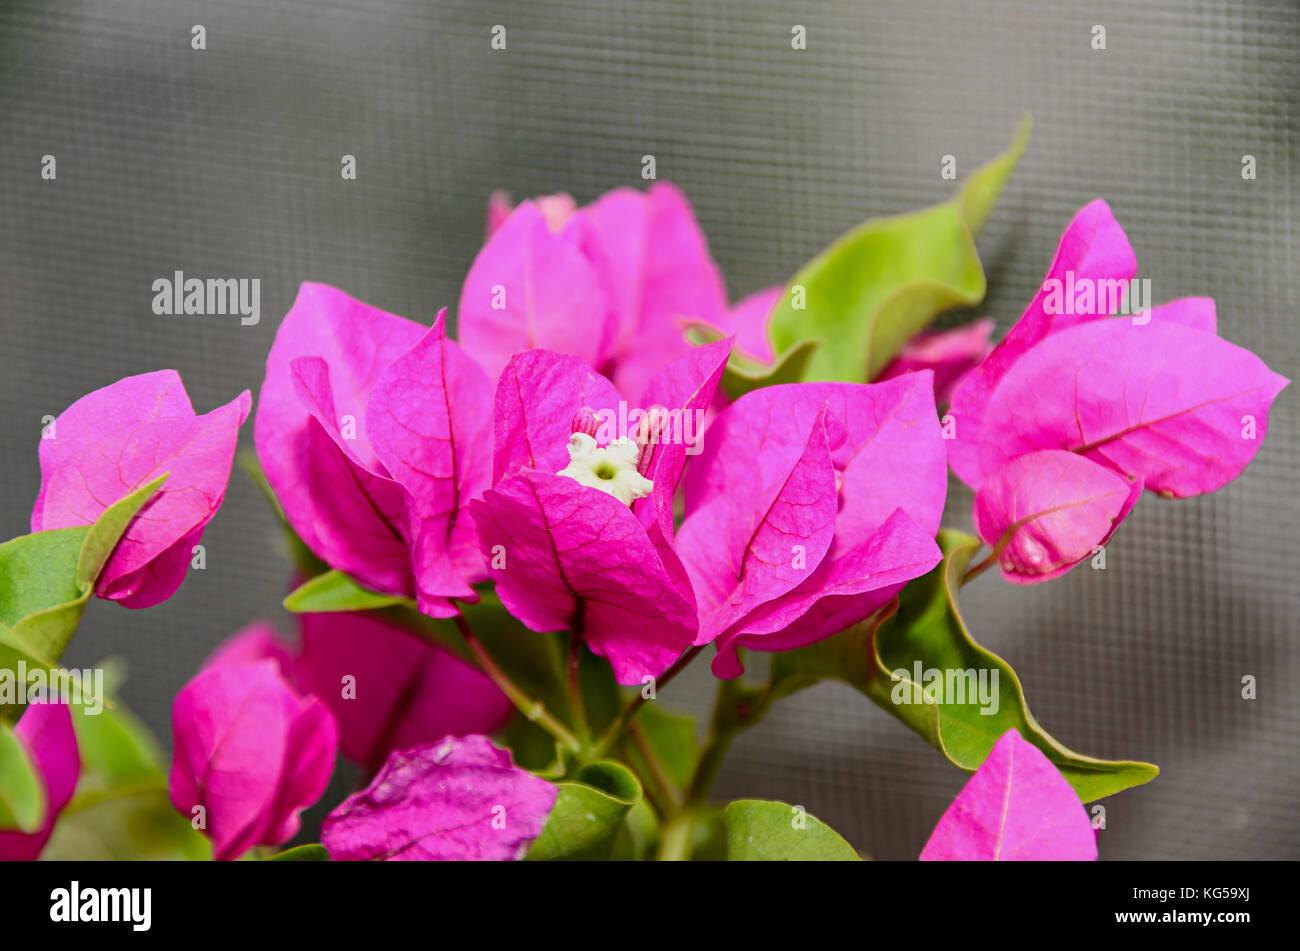 Bougainvillea pink branch flowers paper flower with green leafs bougainvillea pink branch flowers paper flower with green leafs mightylinksfo